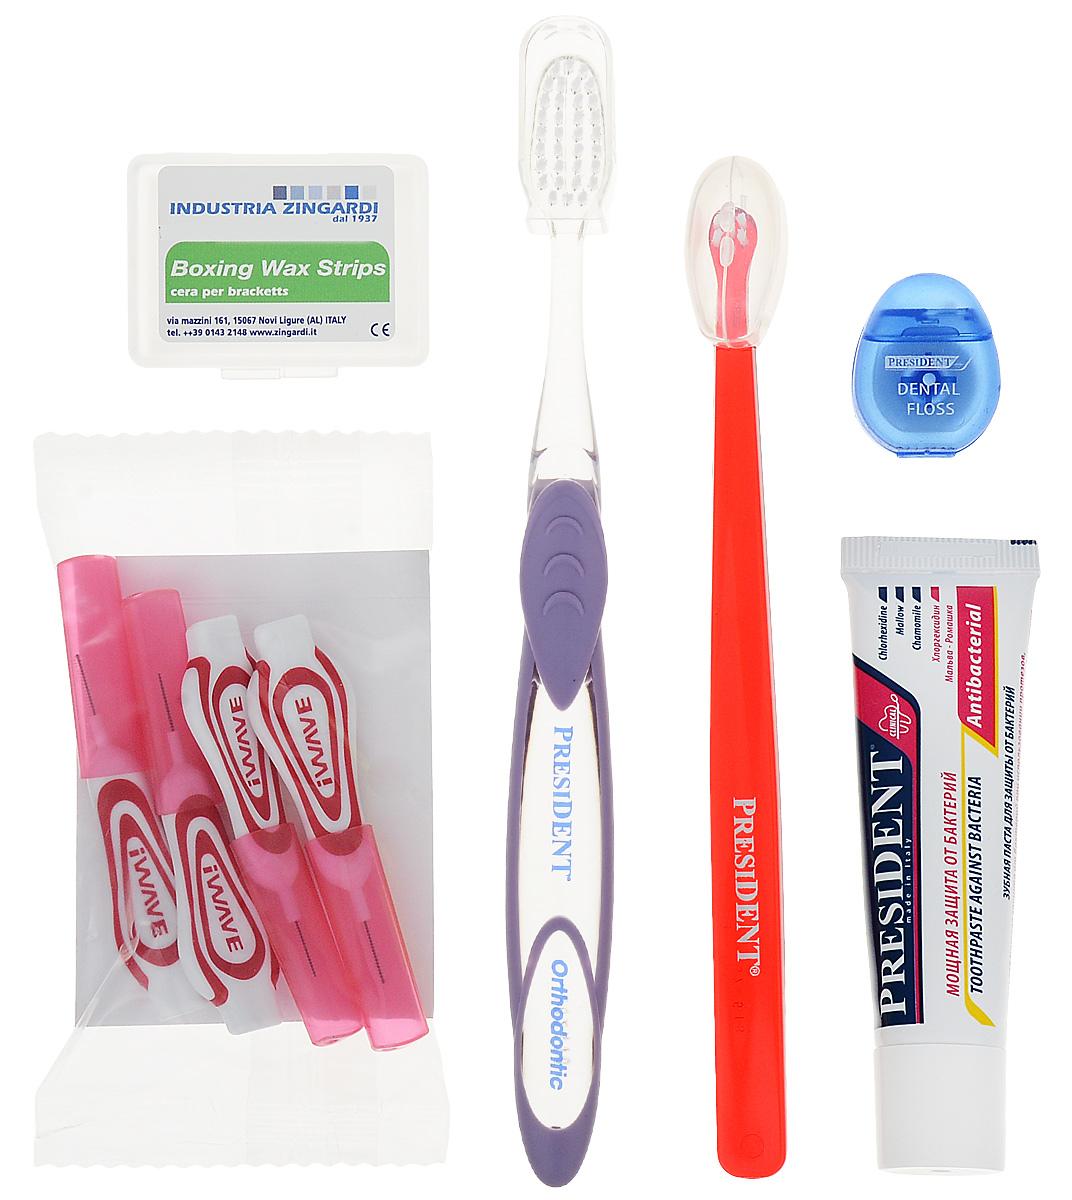 President брекет-набор, с ортодонтическим воском, цвет щеток: красный, сиреневый - Товары для гигиены